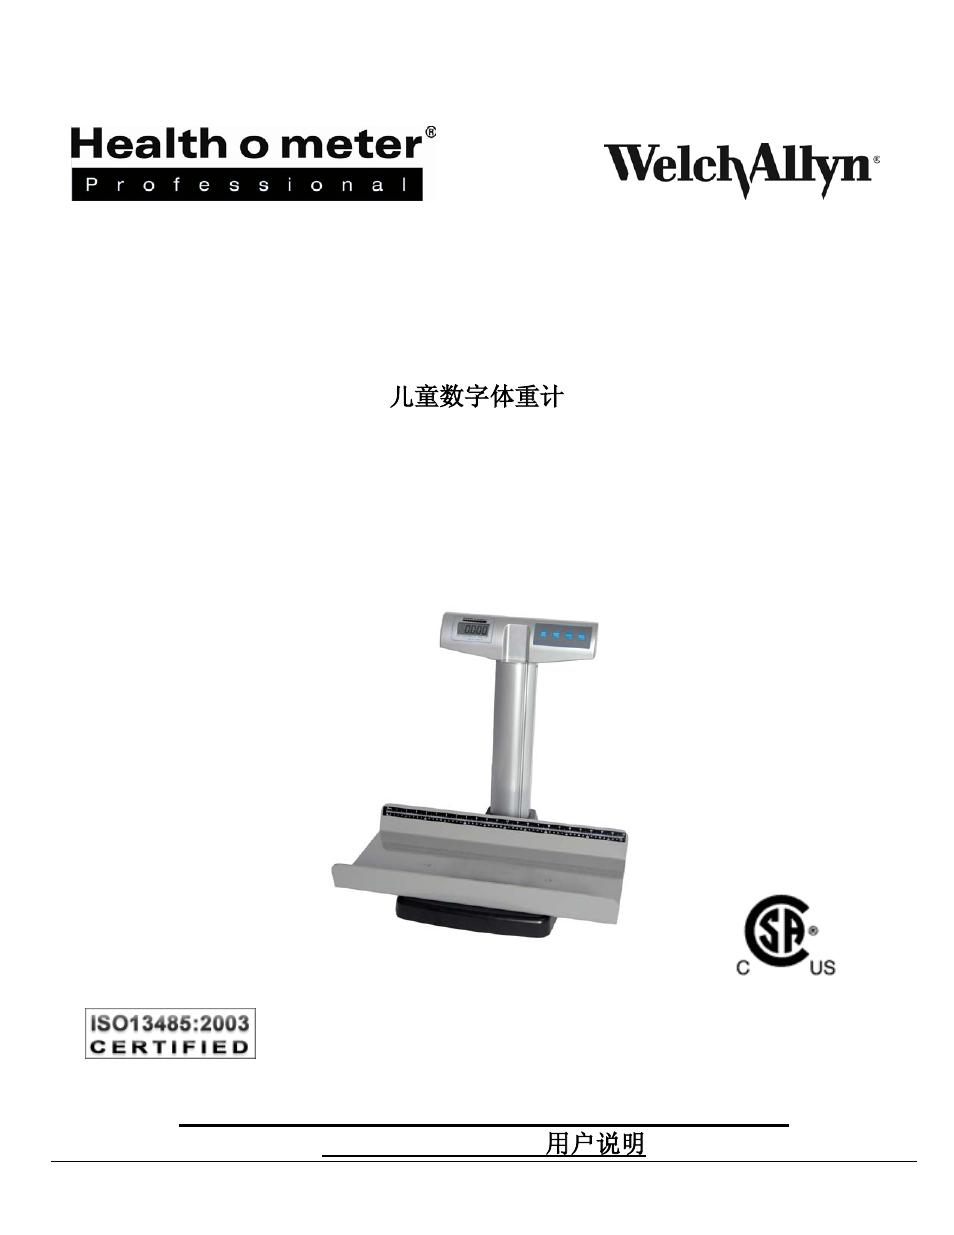 Welch Allyn 522klwa Health O Meter Professional Digital Pediatric